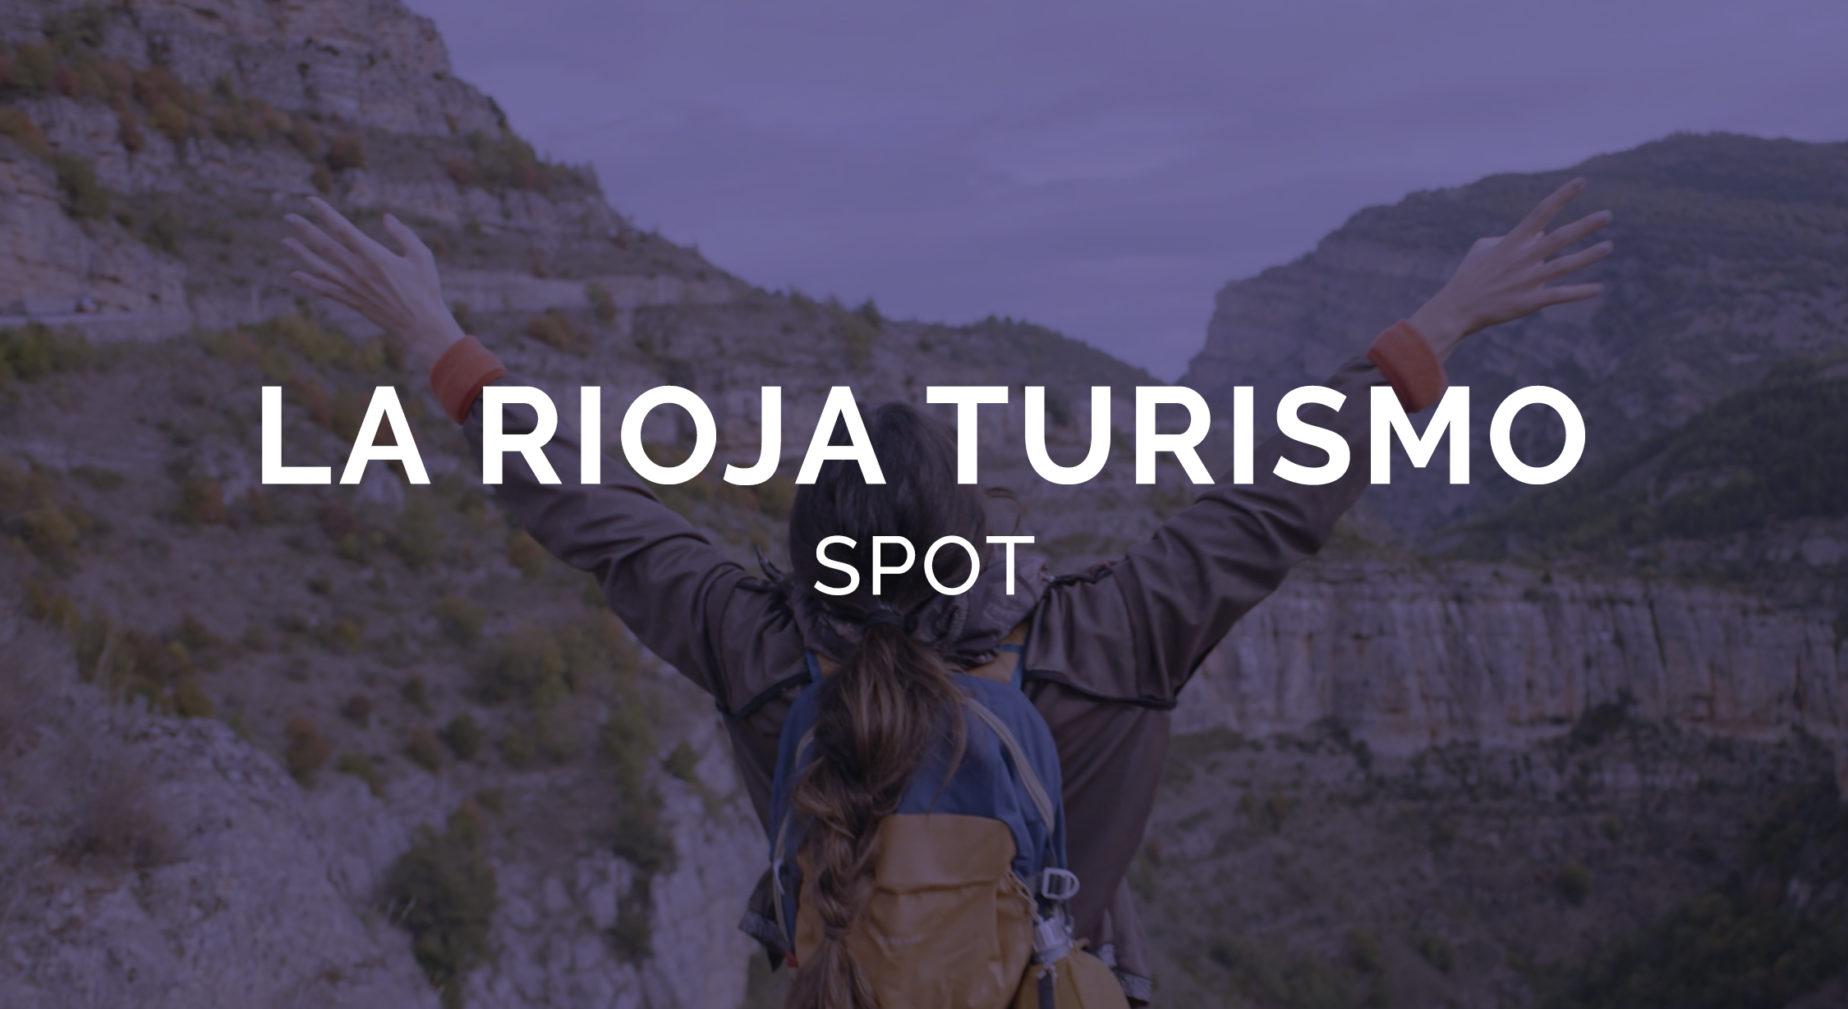 La Rioja Turismo spot 3